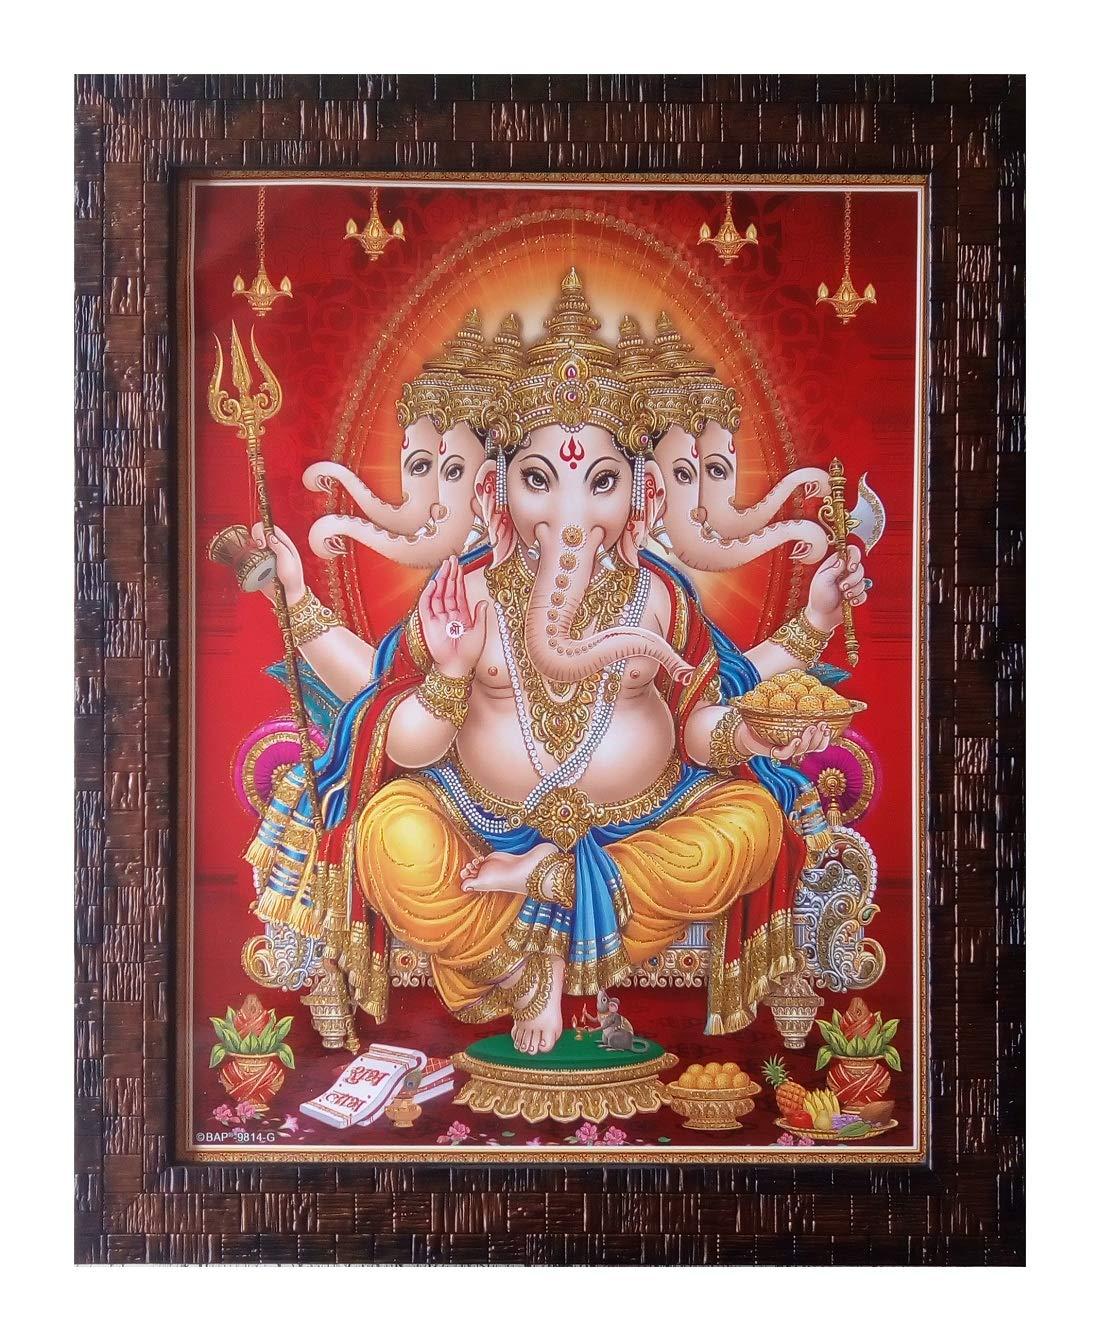 Shree Handicraft Panchmukhi Ganesh ...